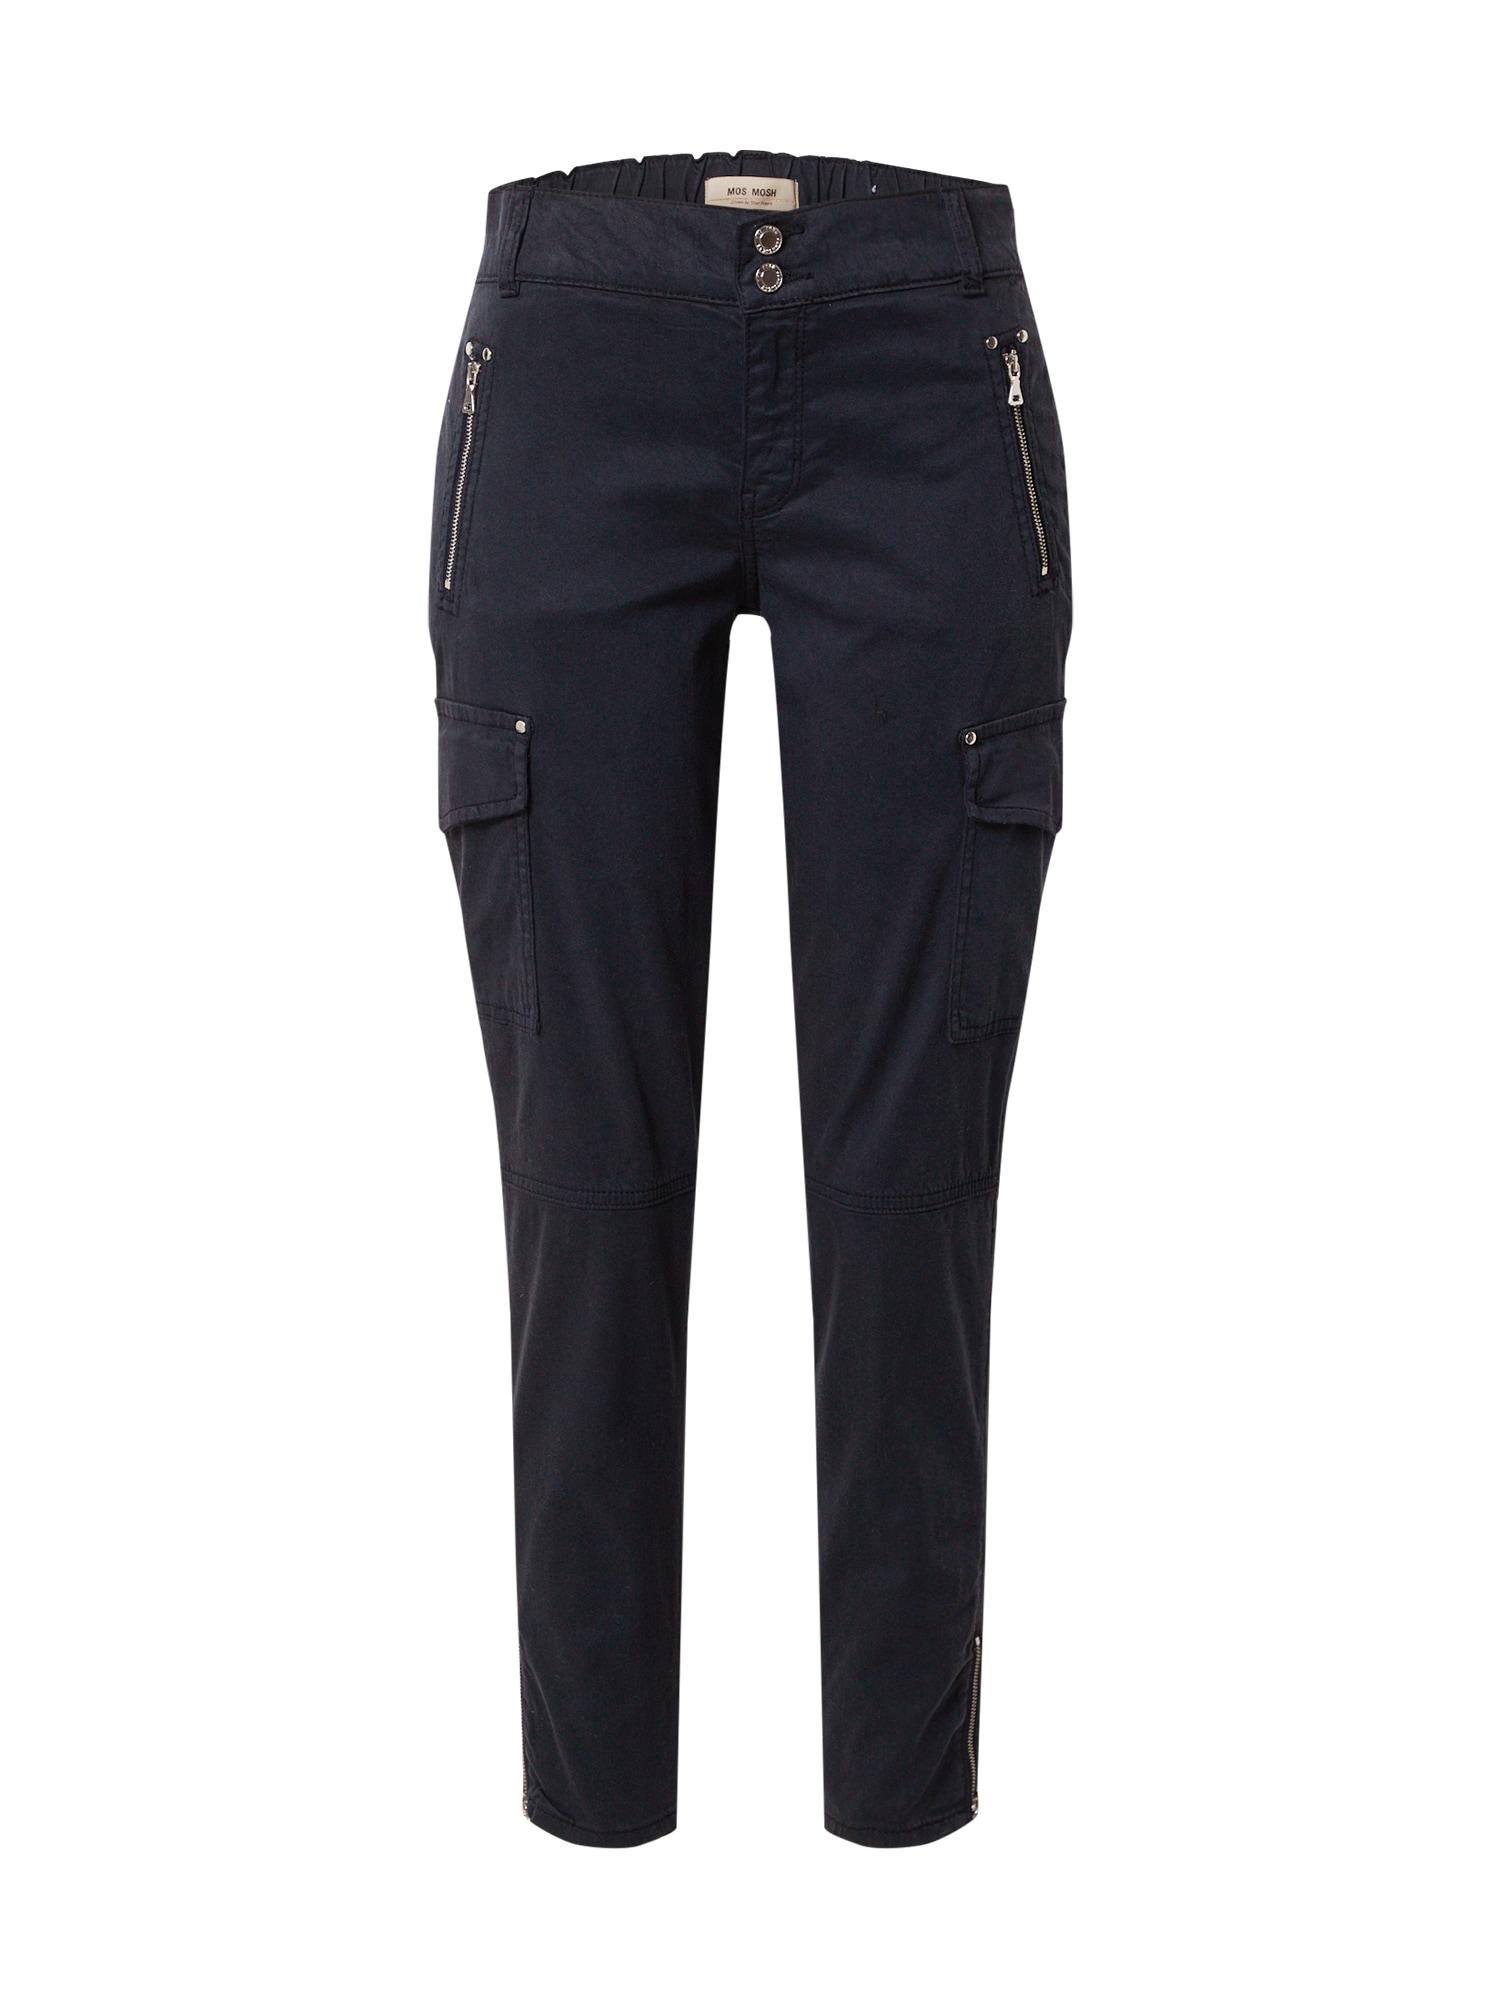 MOS MOSH Darbinio stiliaus džinsai